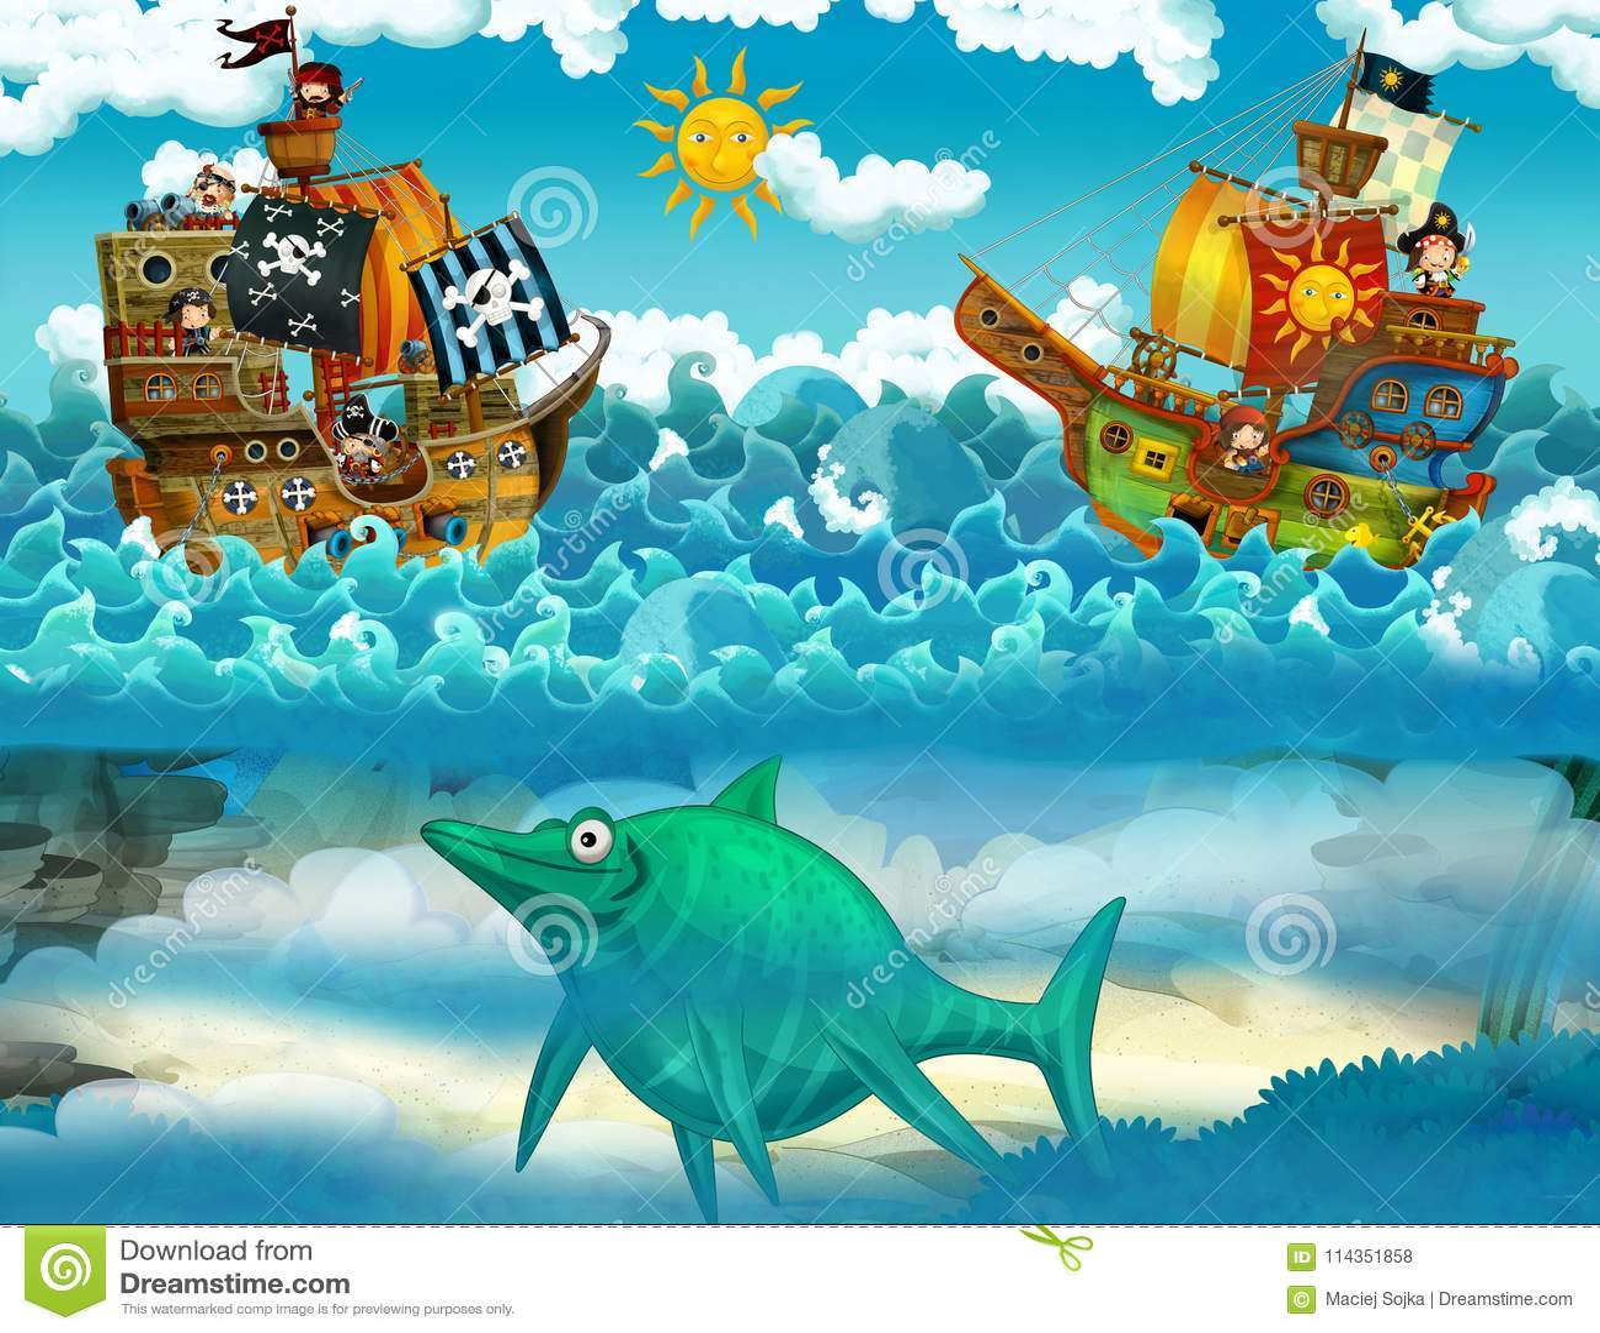 Piraten auf der Seeschlacht - mit dem Monster Unterwasser